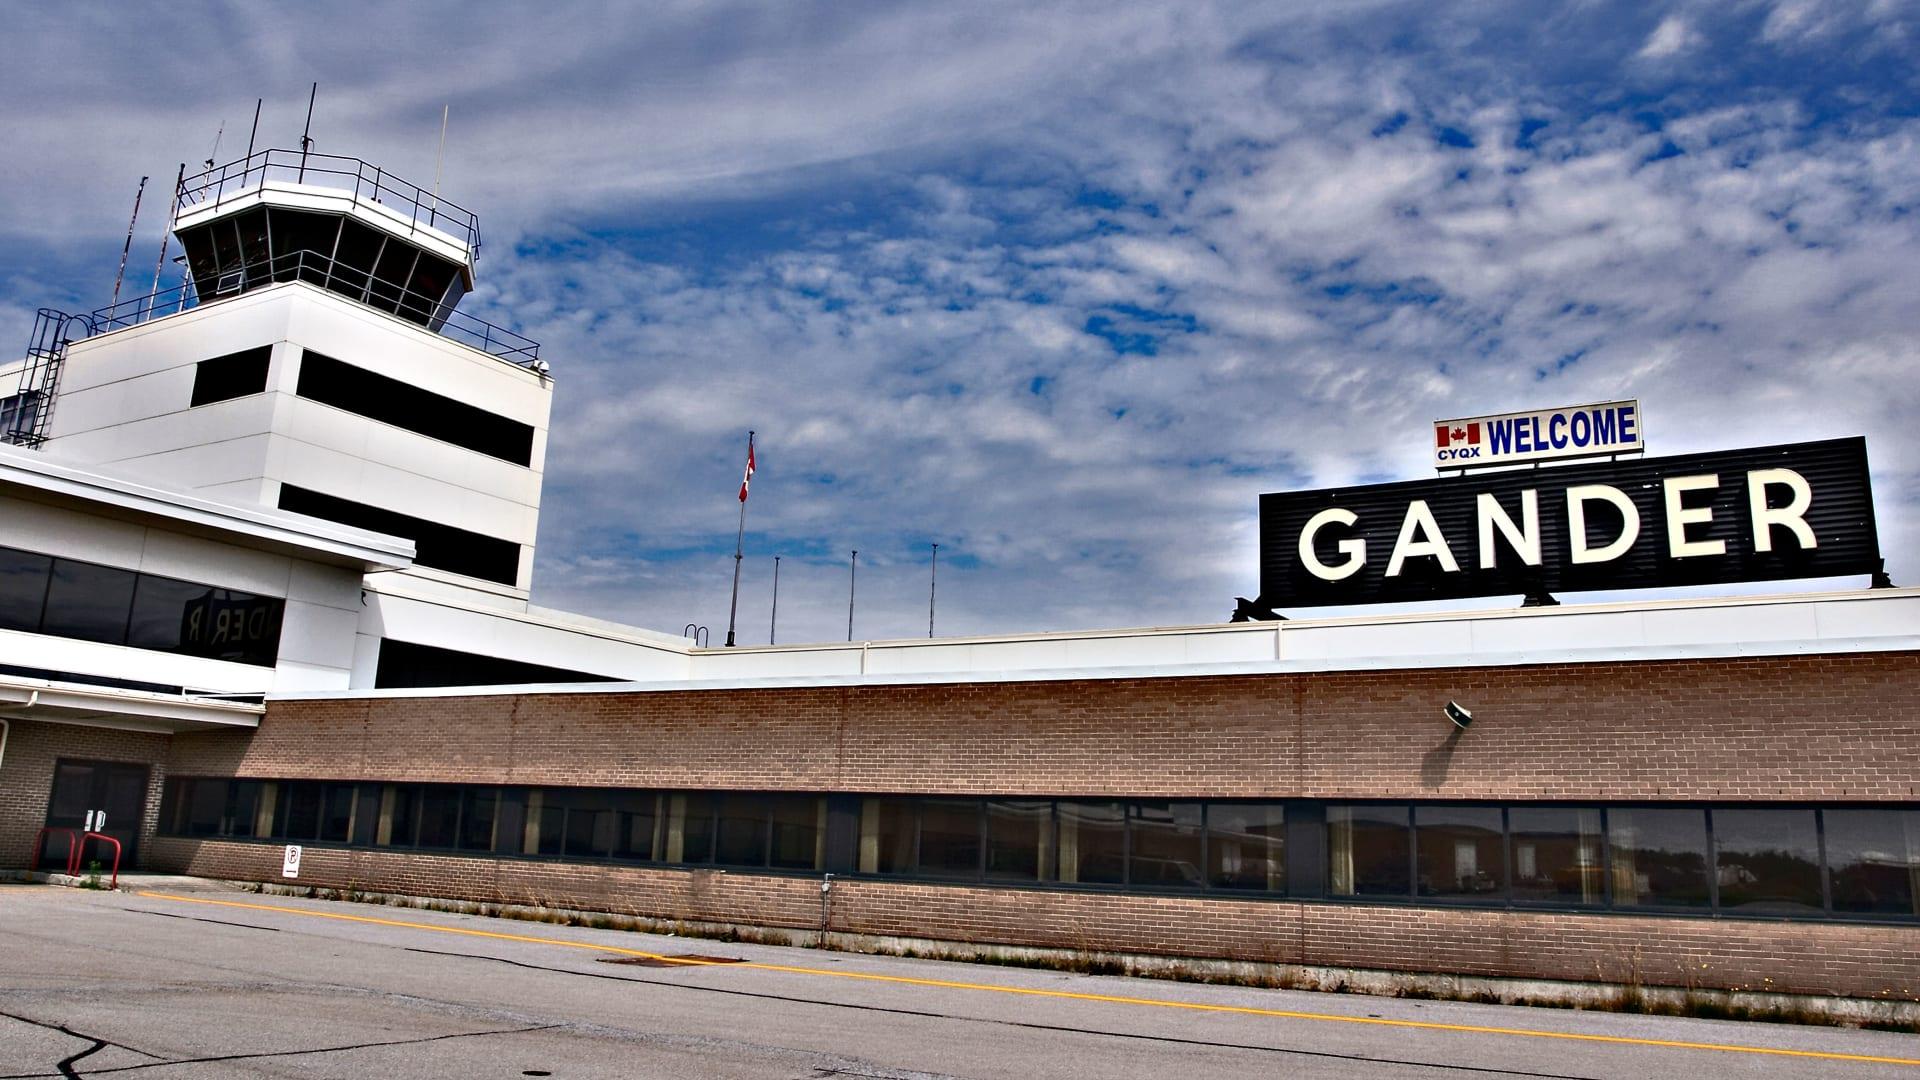 قصة ألهمت مسرحية في برودواي.. قام هذا المطار الكندي بإيواء 7 آلاف شخص خلال أحداث 11 سبتمبر